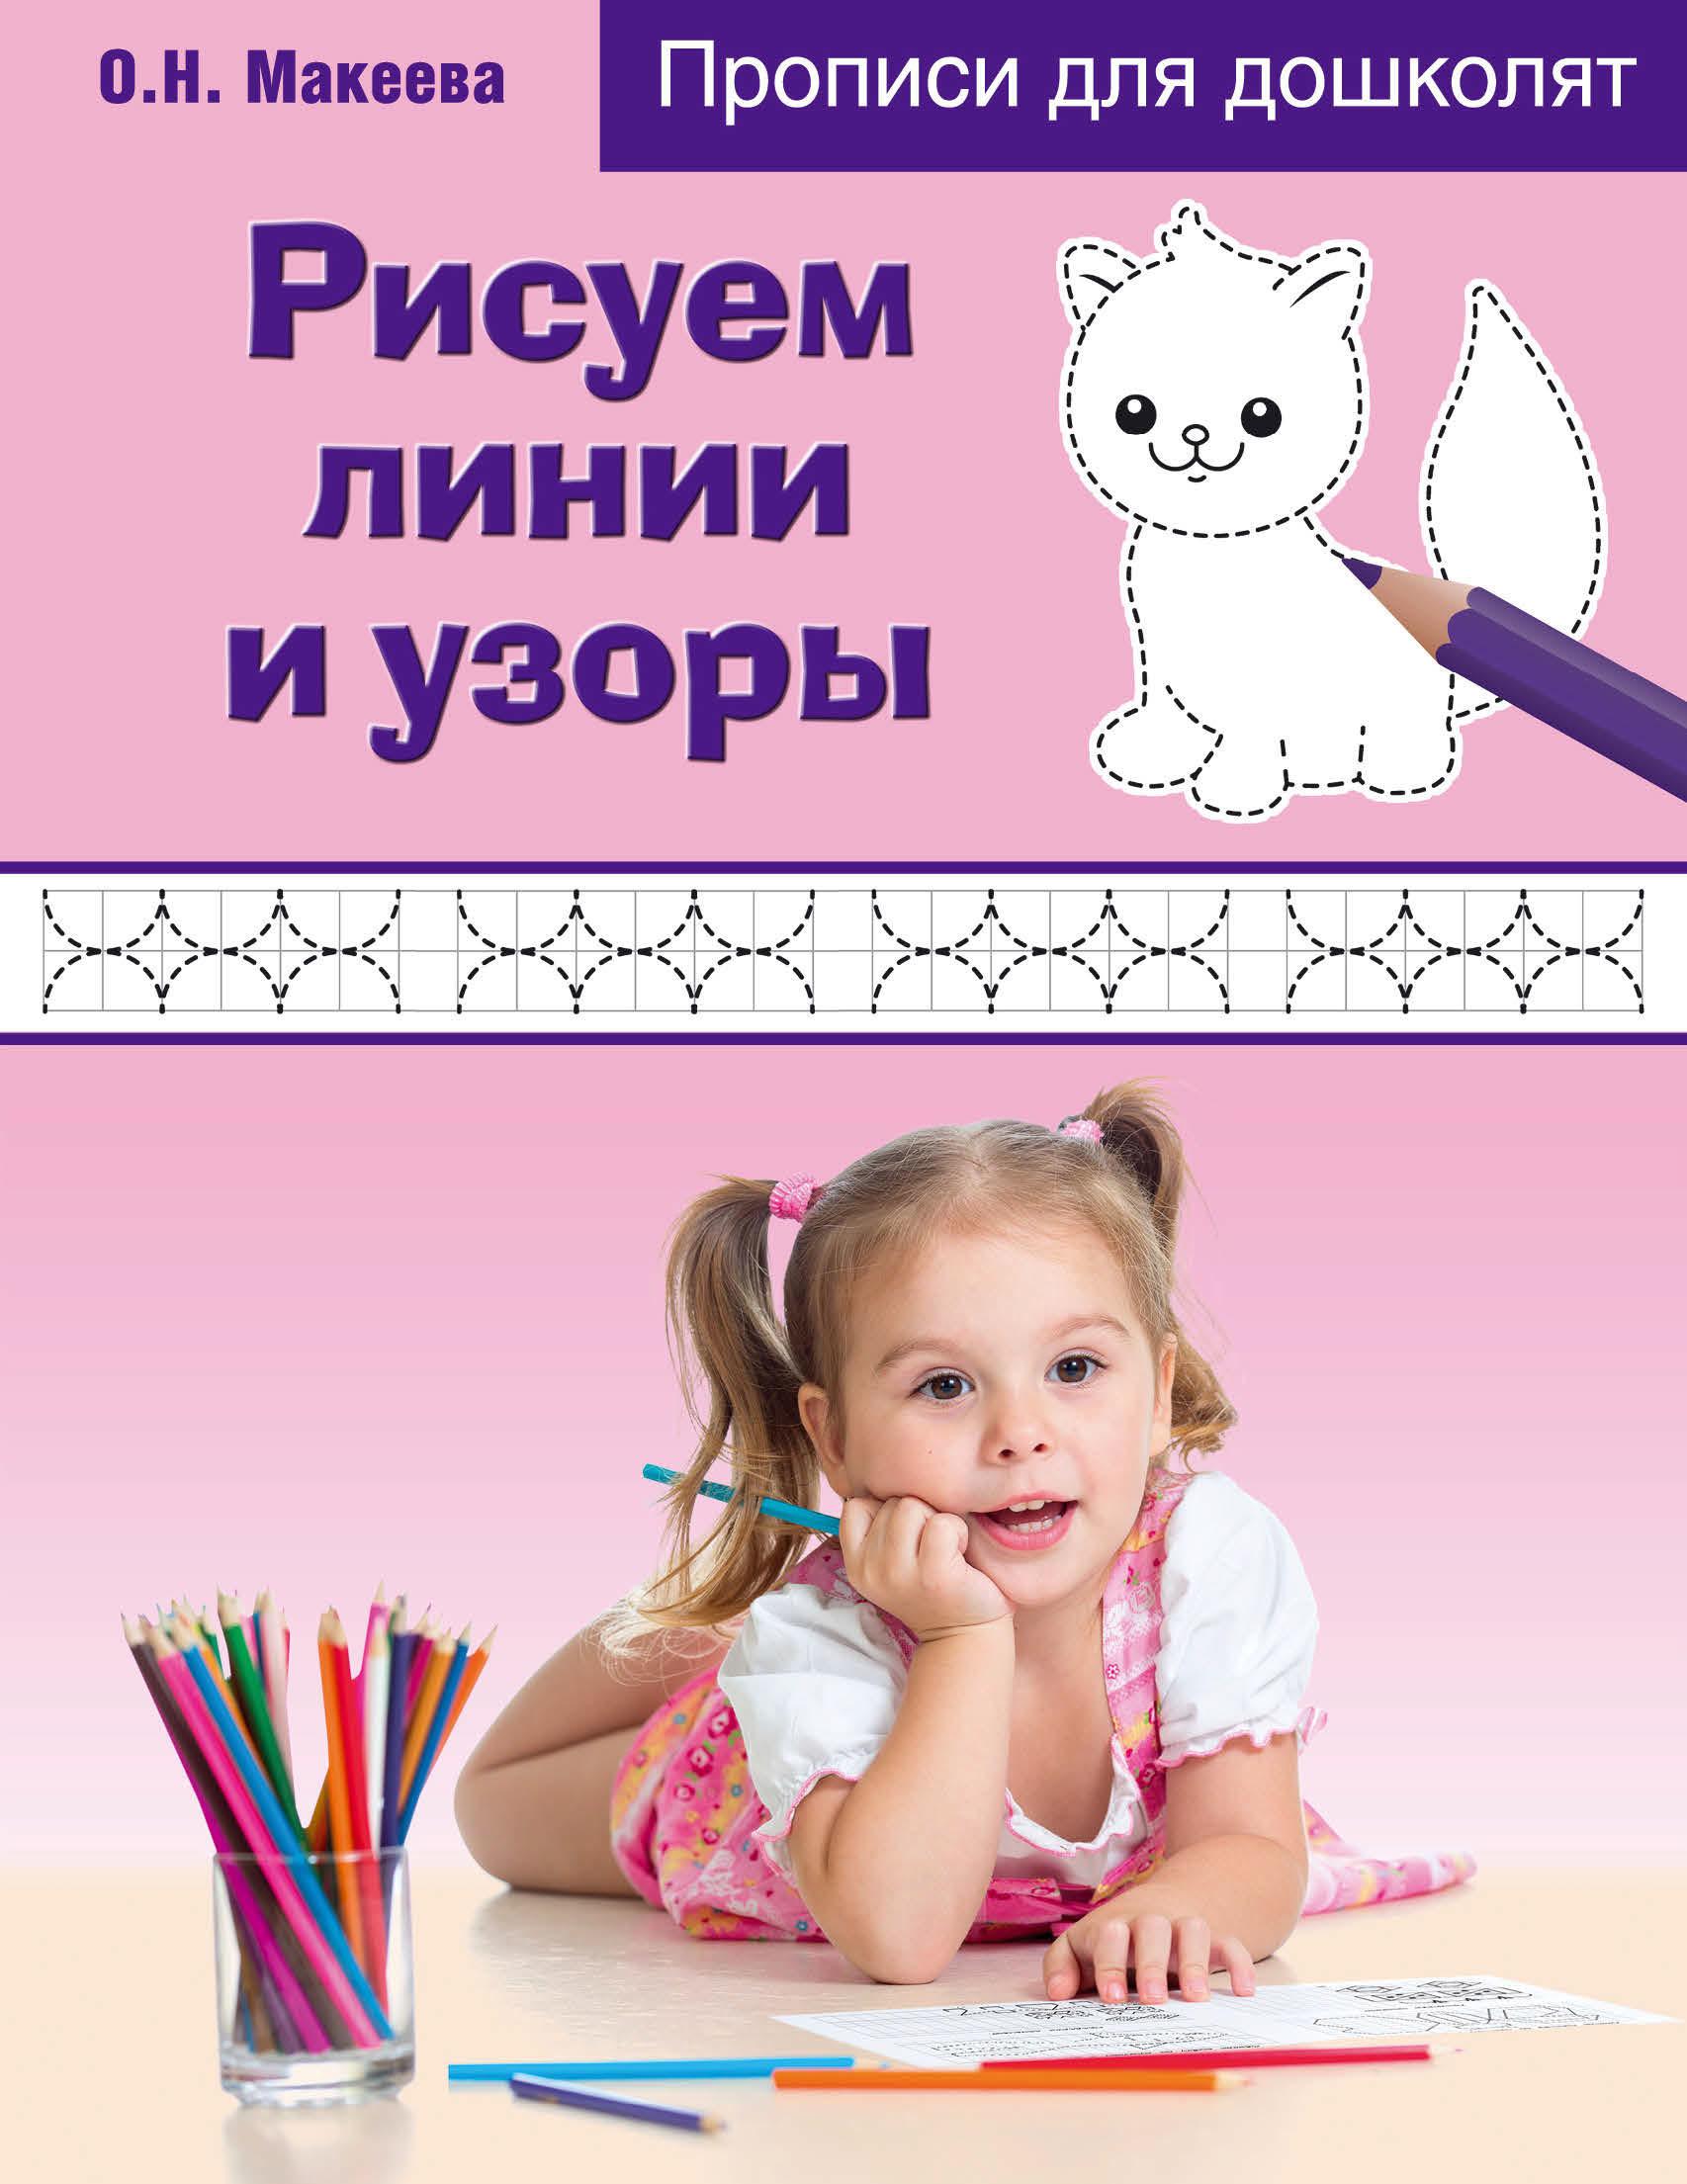 О. Н. Макеева Рисуем линии и узоры о н макеева рисуем линии и узоры